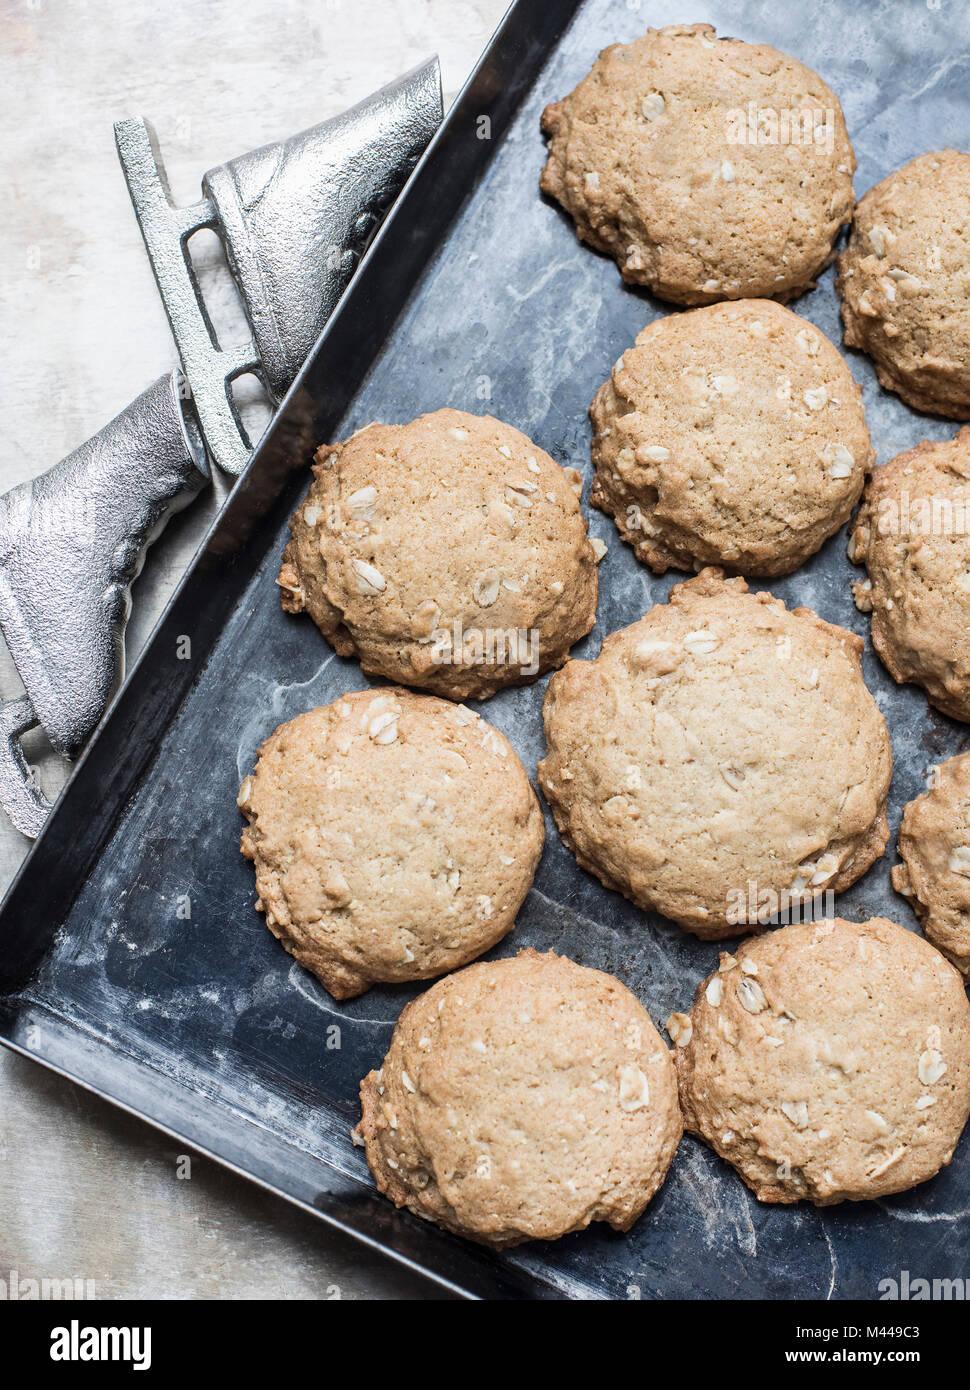 Biscuits fraîchement cuits sur plaque Photo Stock